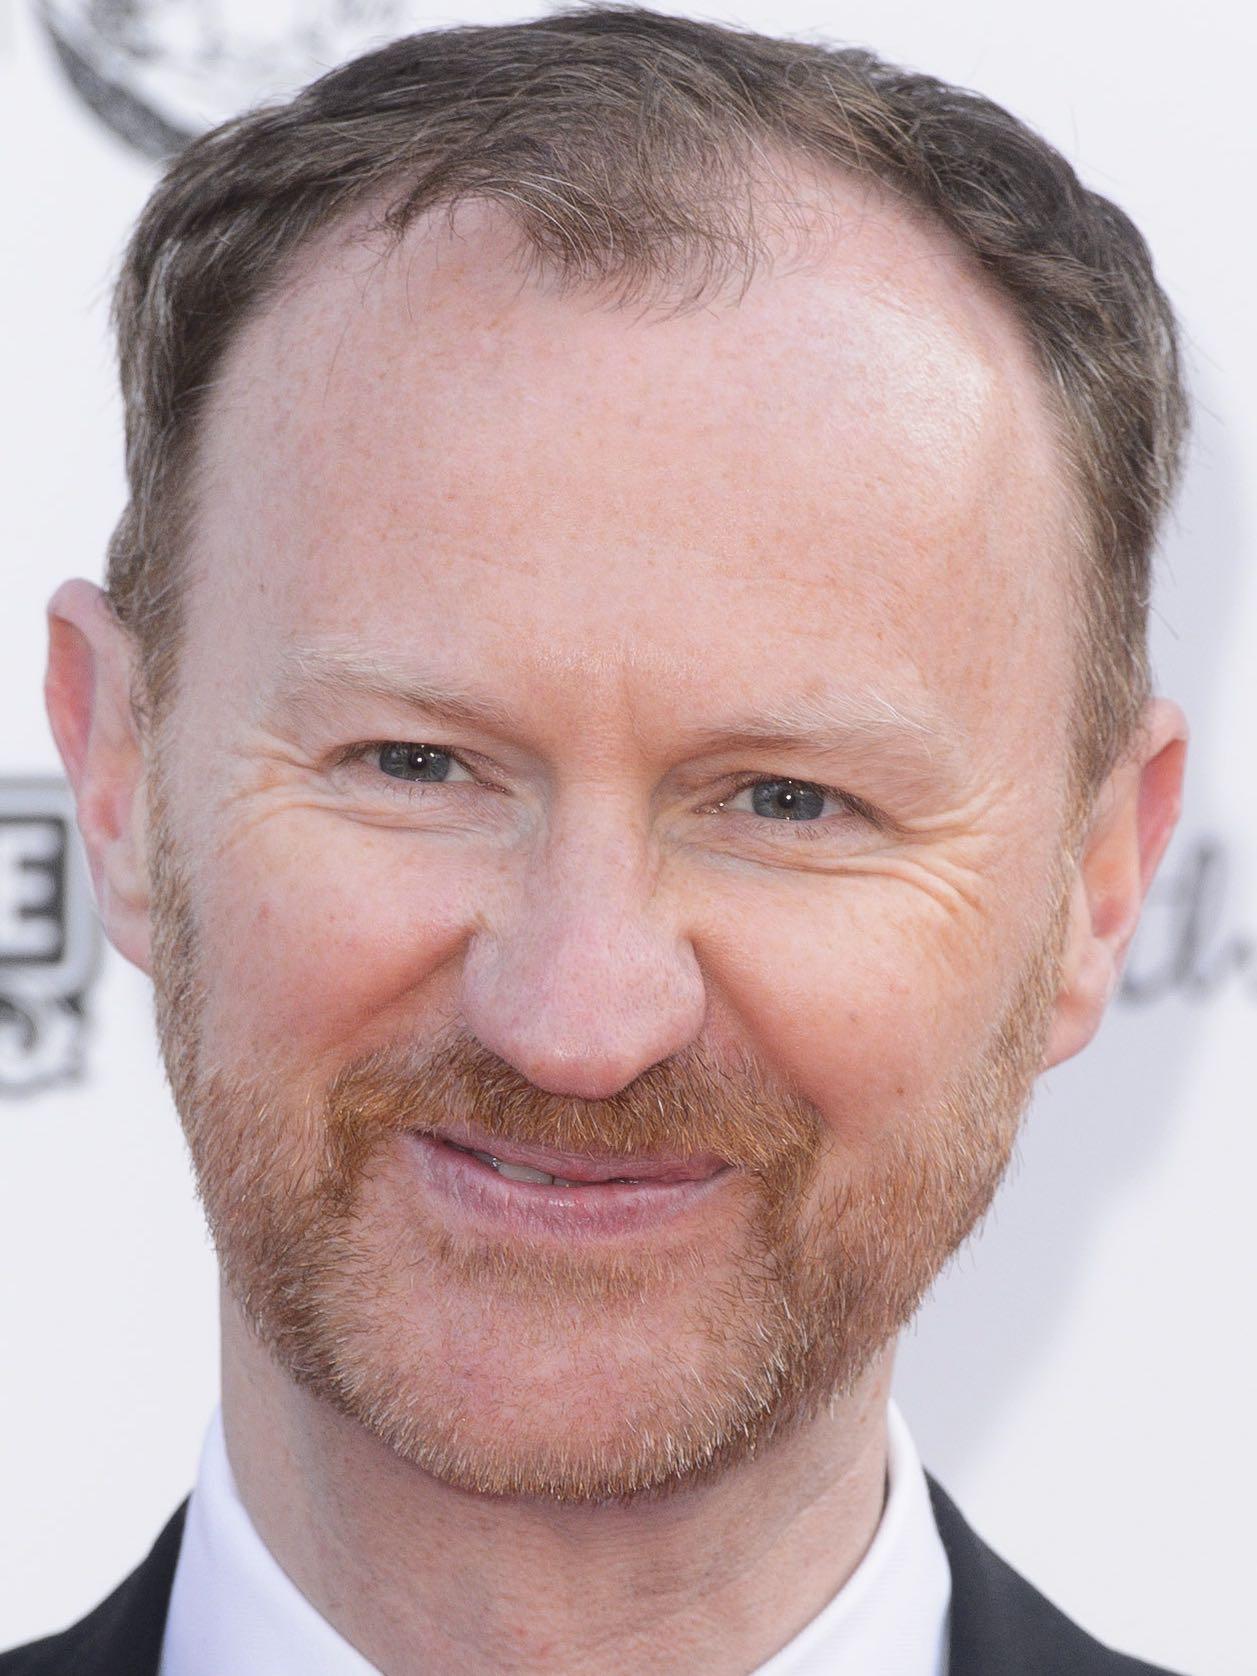 Ian Hallard (born 1974)